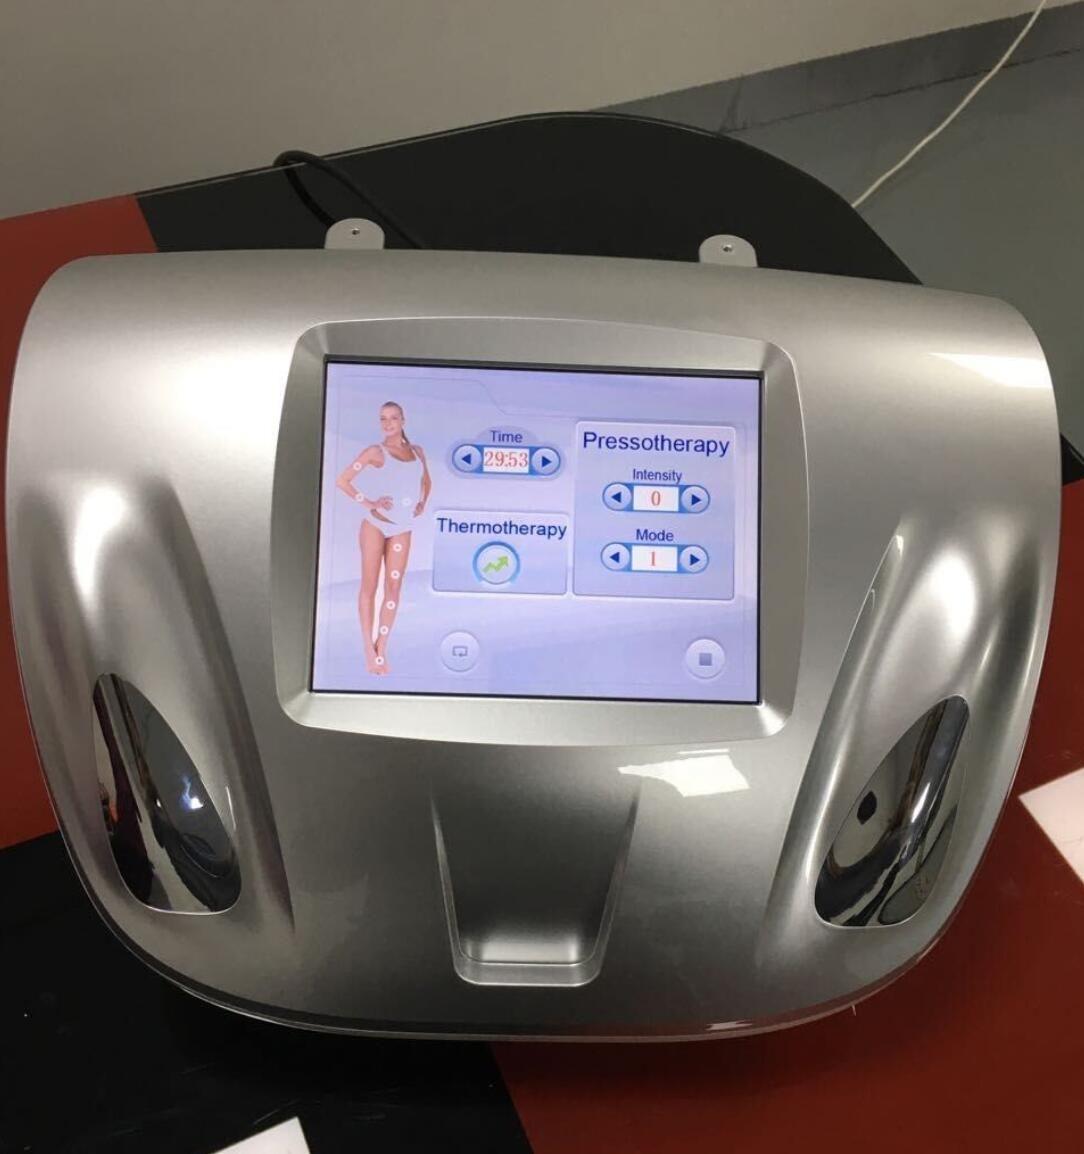 Профессиональная дальняя инфракрасная прессотерапевтическая машина с сенсорным экраном потери веса лимфатическое дренажное оборудование 24 воздушных сумки.